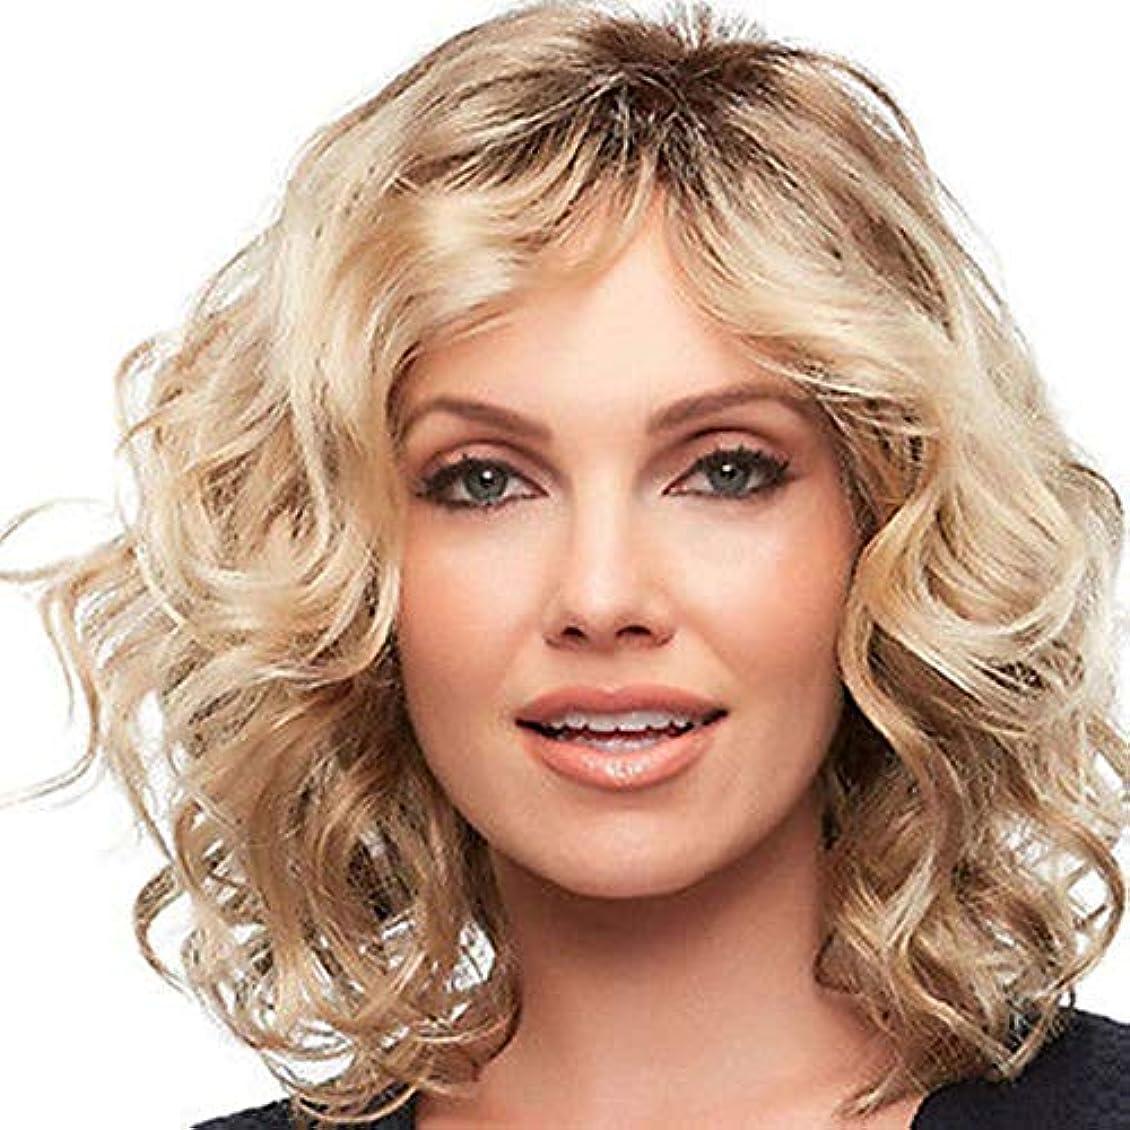 ジェスチャー自分のために合図YOUQIU 女子金髪ショートカーリーヘアウィッグふわふわヘアスタイリング中部ウィッグウィッグ (色 : Blonde)